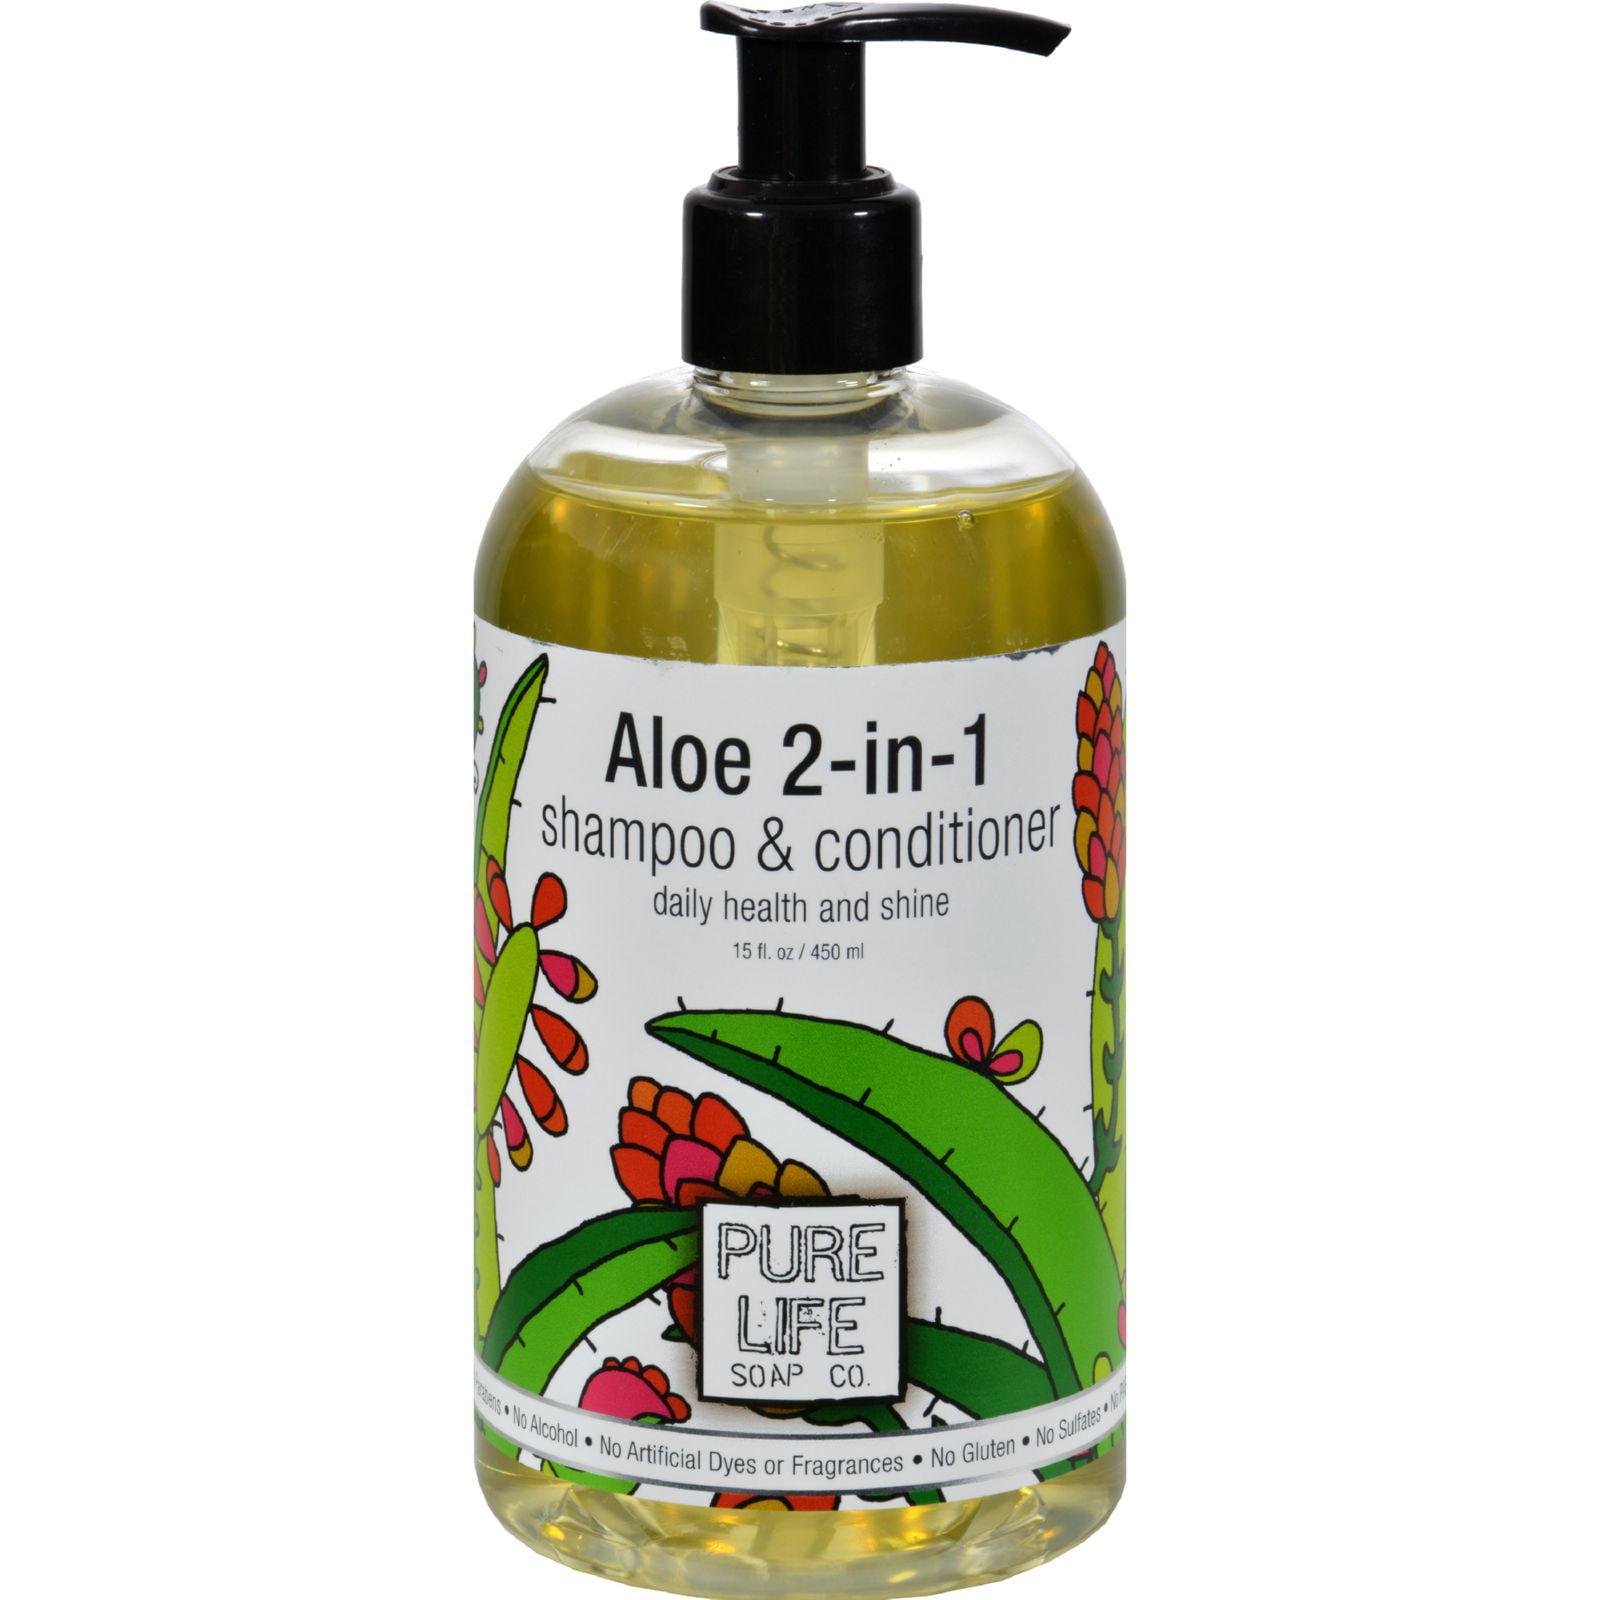 Pure Life Soap Shampoo and Conditioner - Aloe 2-in-1 - 15 oz